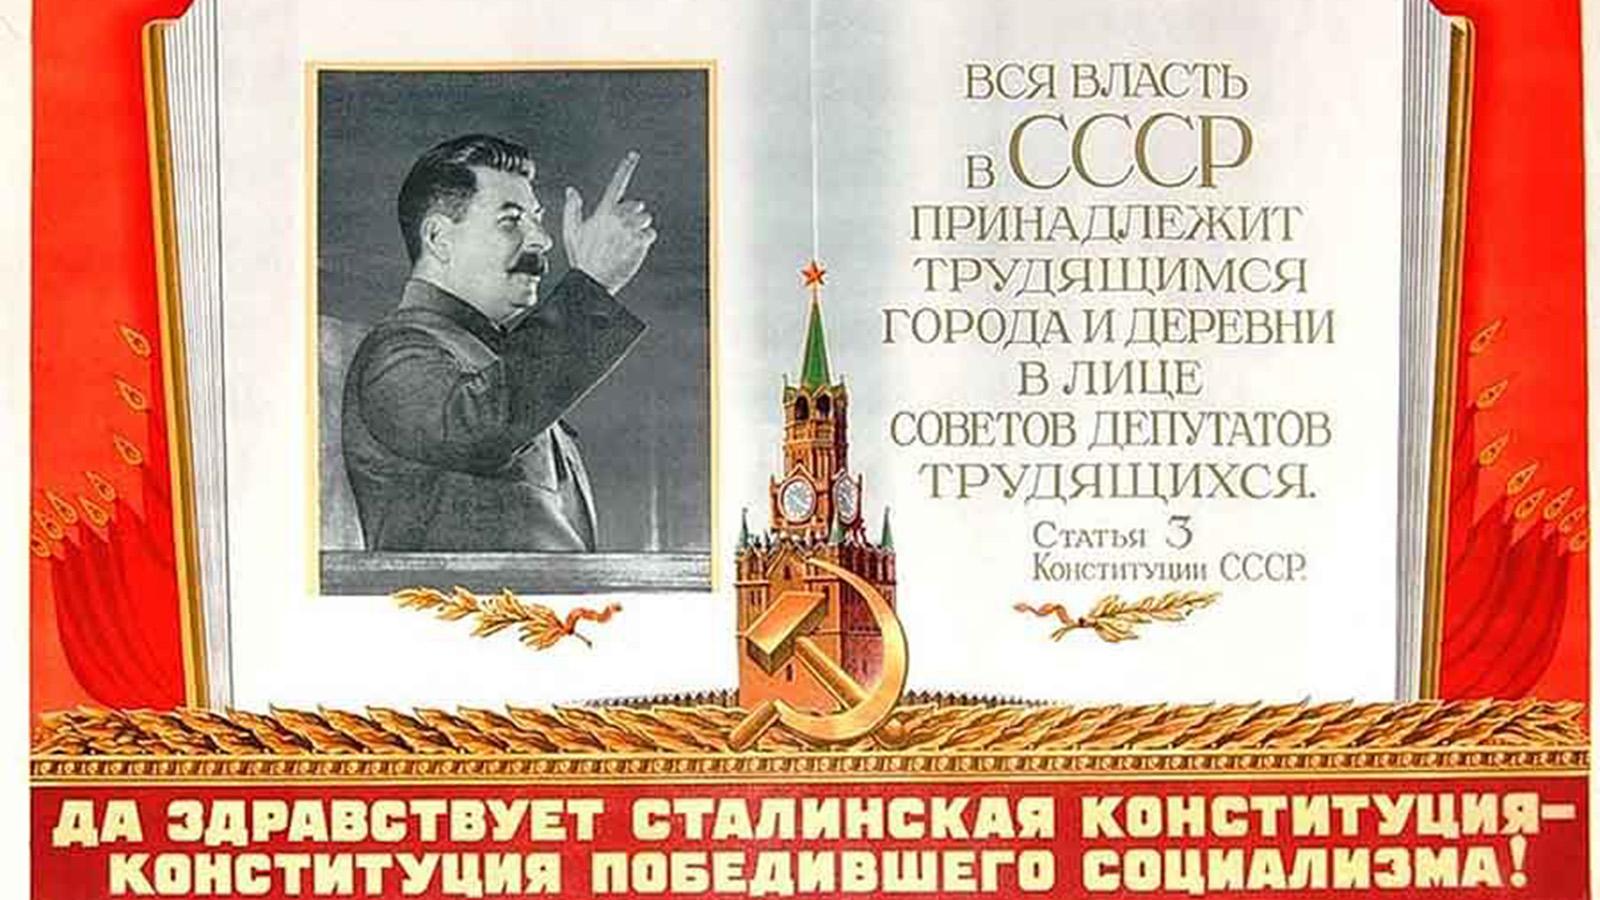 1936 Год. Принятие новой Конституции СССР